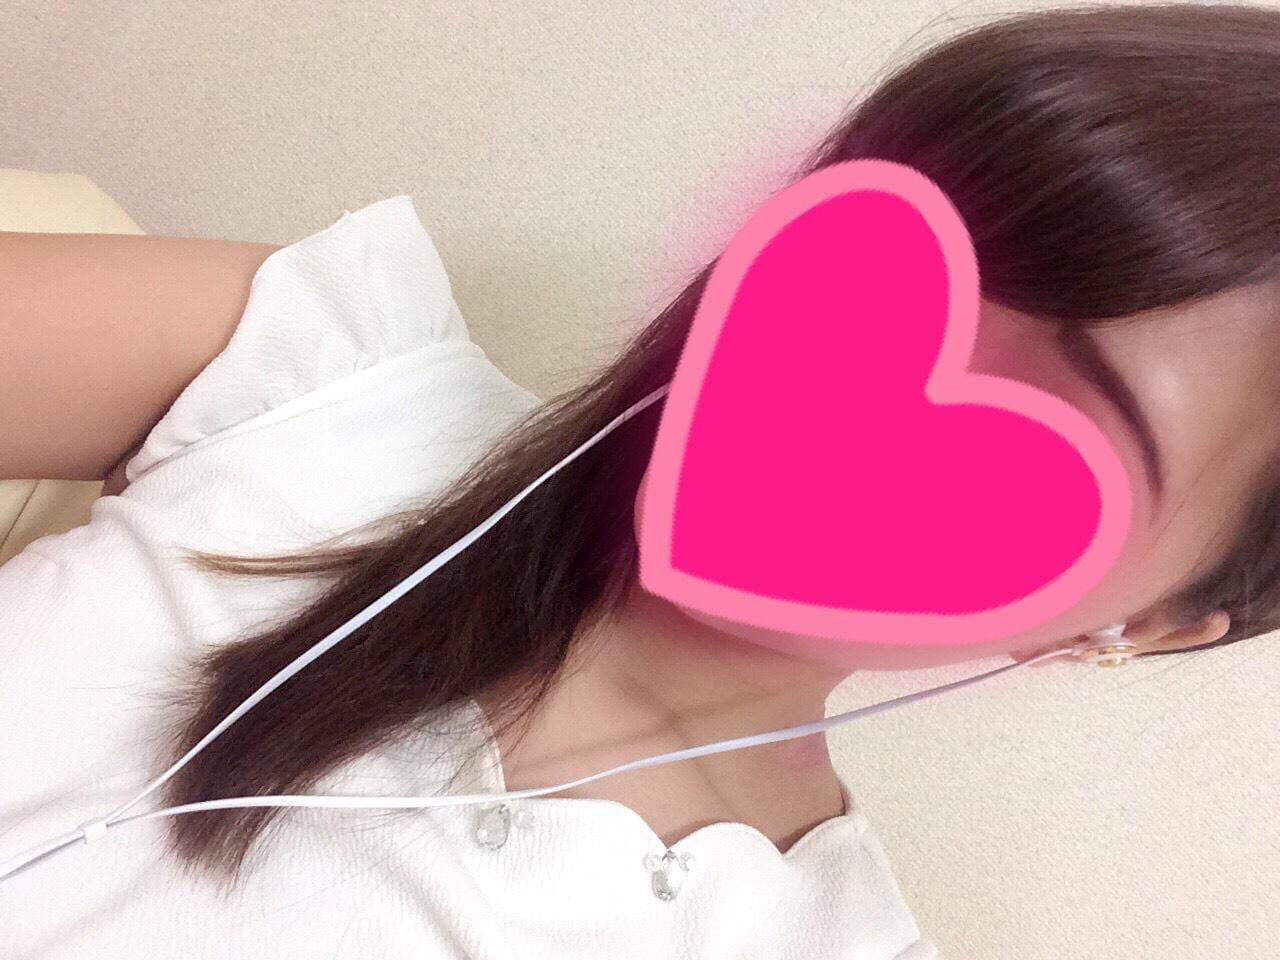 「こんばんわぁ」10/30(10/30) 18:42   まりこの写メ・風俗動画